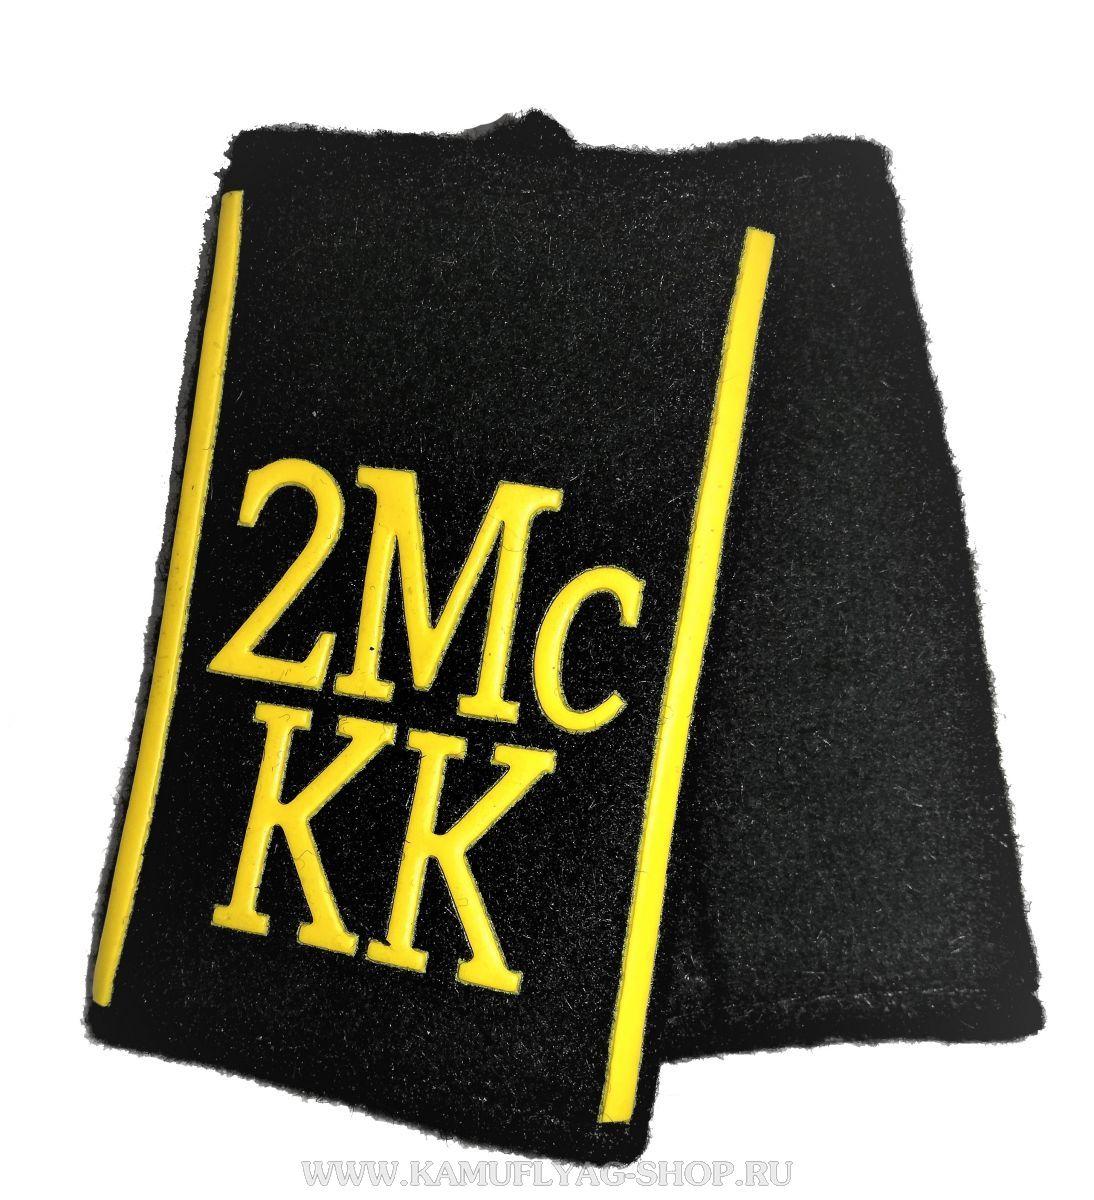 Фальш-погоны 2МсКК, черные